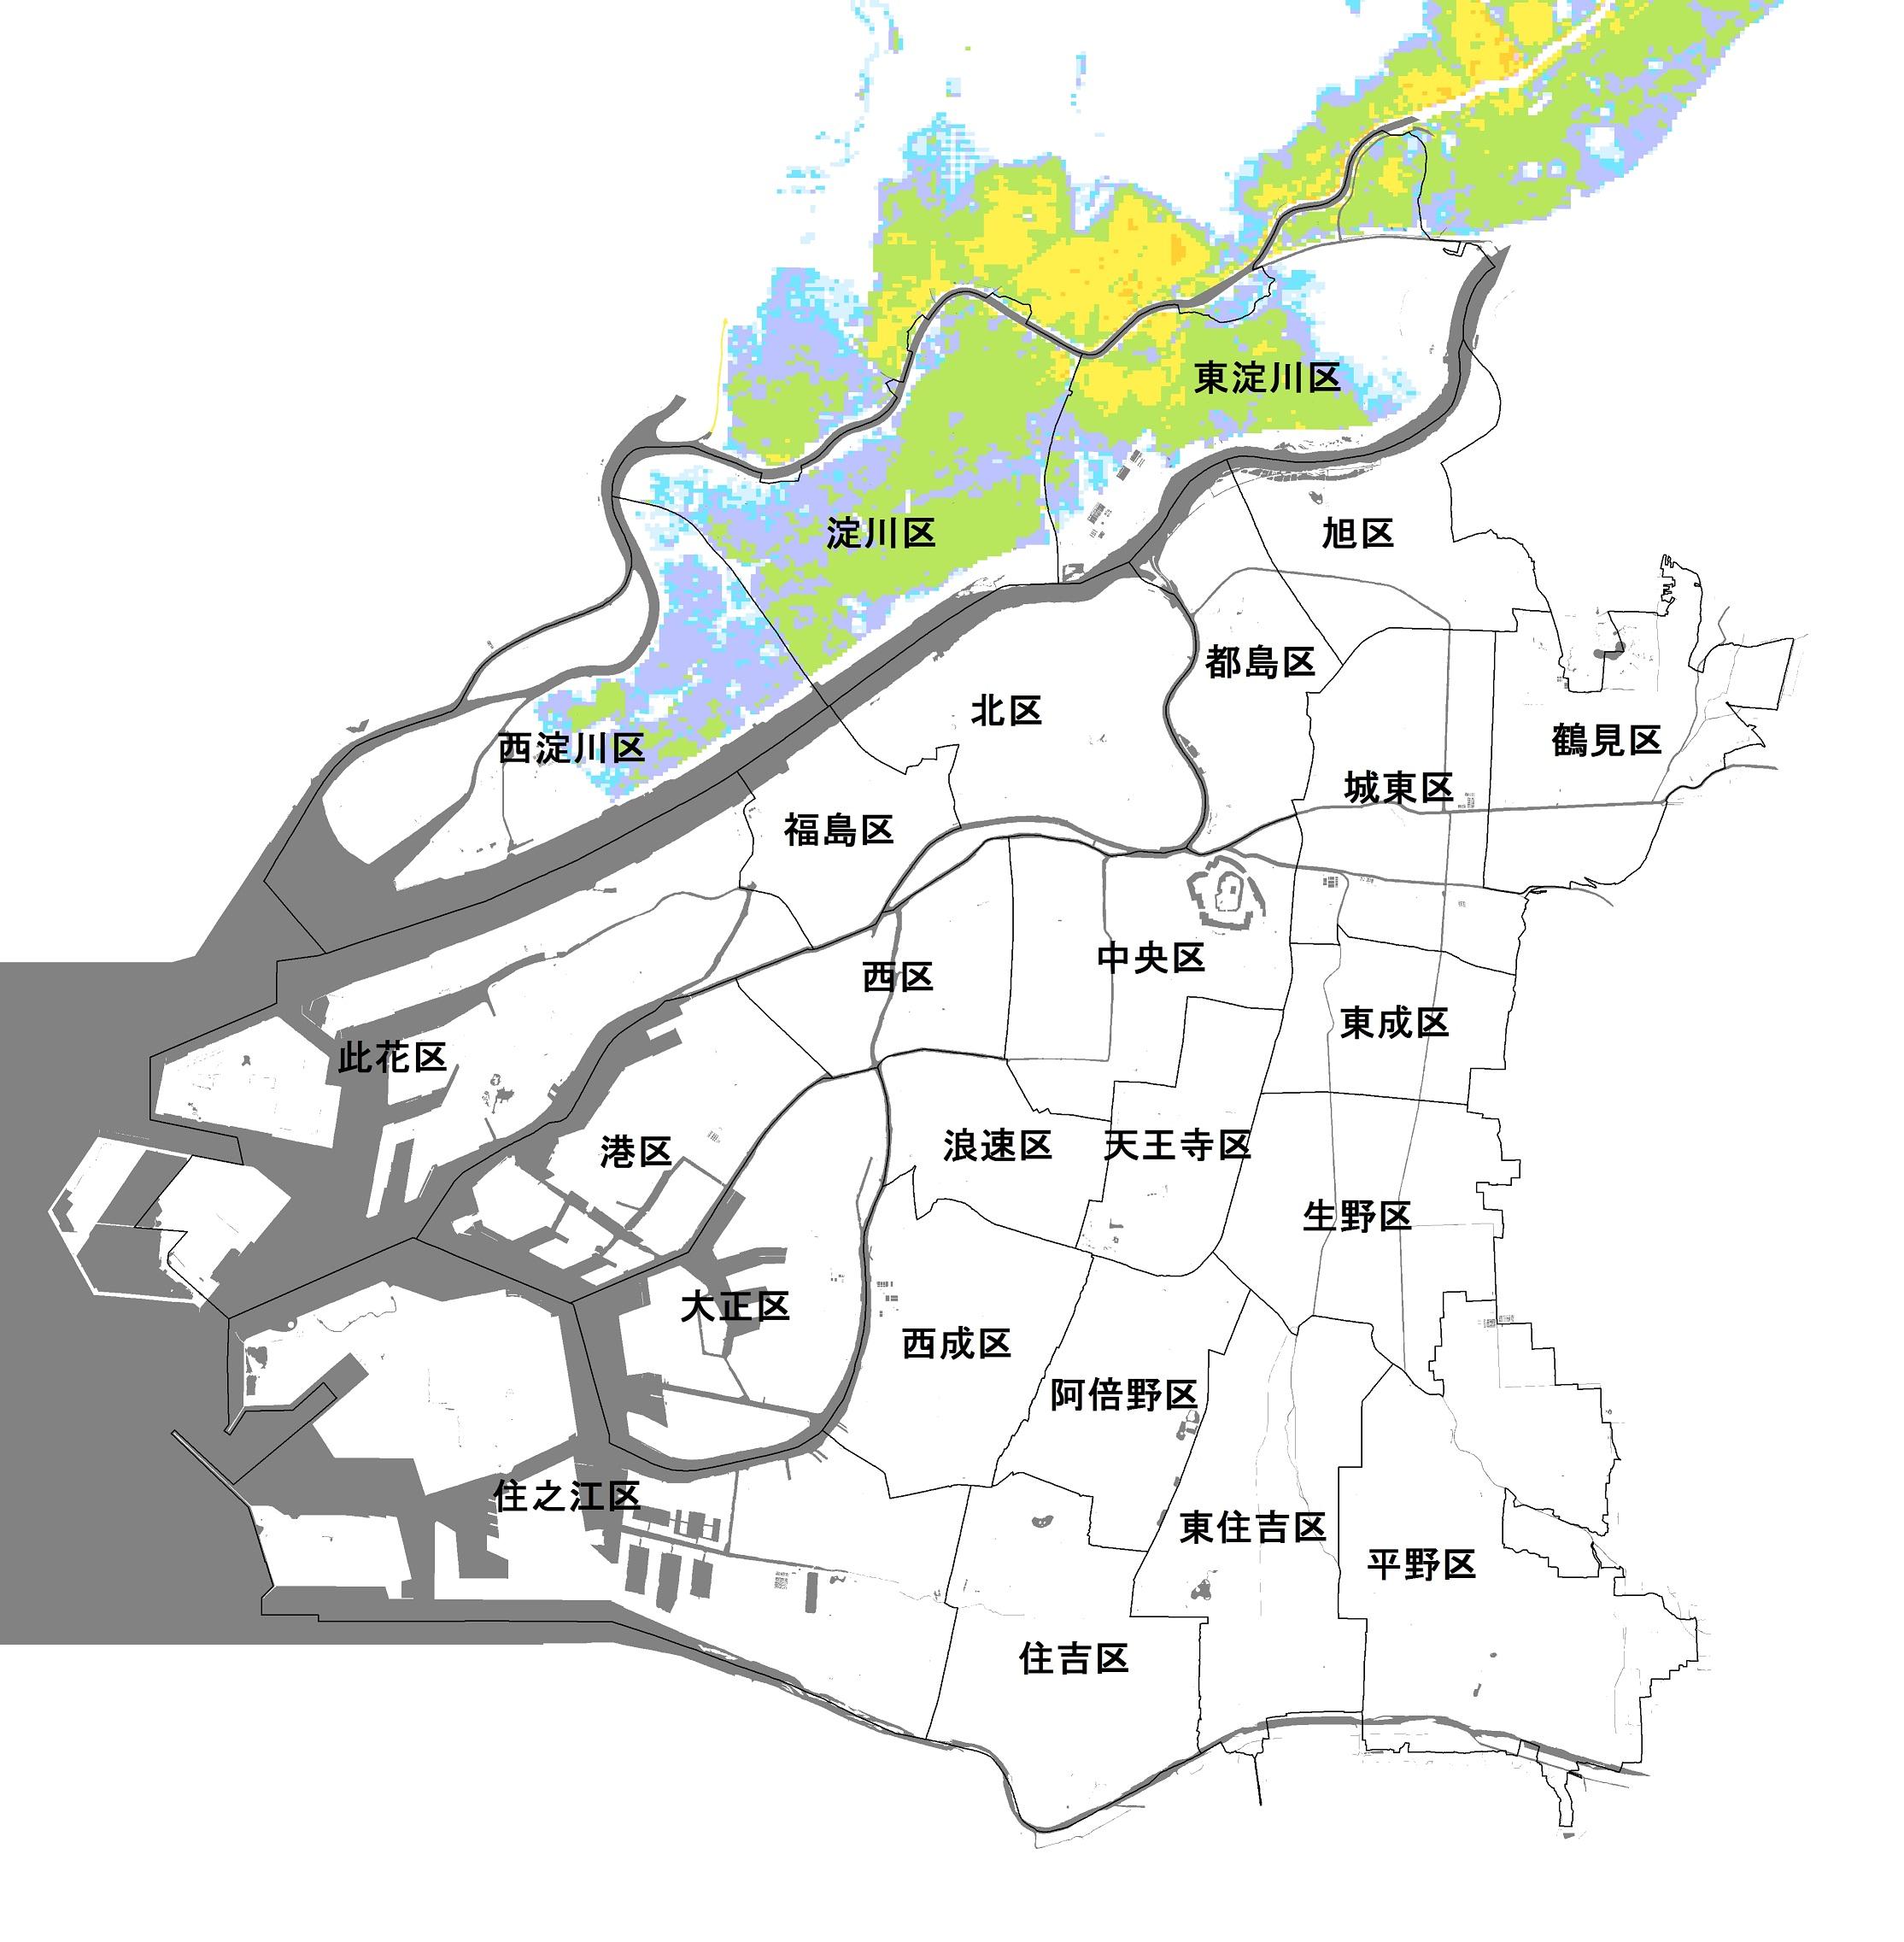 大阪市(神崎川・安威川の氾濫)のハザードマップ